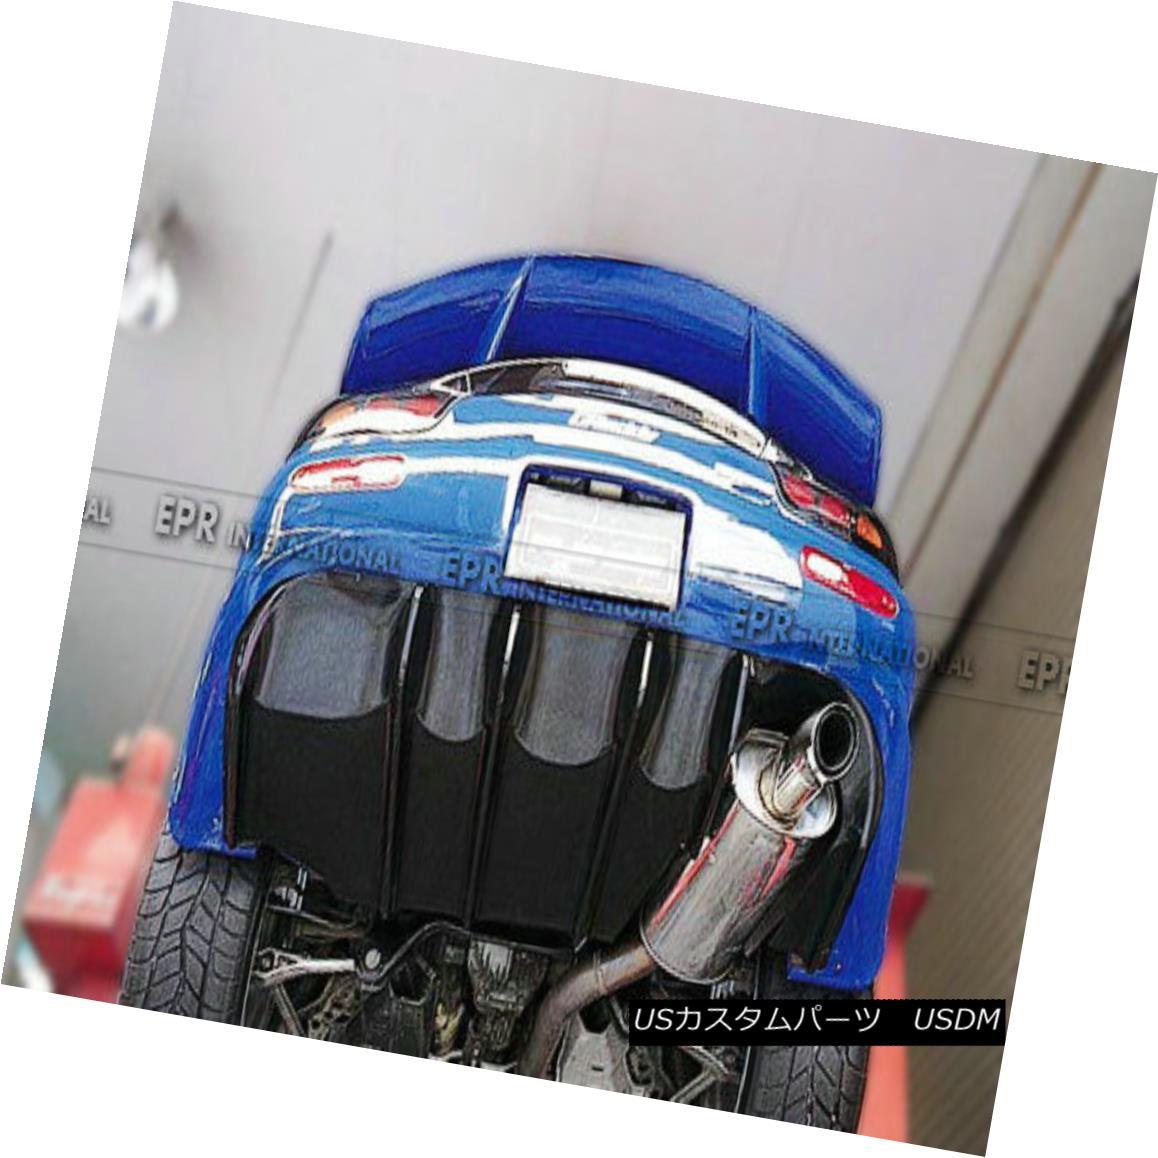 エアロパーツ Rear Under Diffuser Panel Lip Kit Splitter FED FRP Fiber For Mazda RX7 FD3S リアディフューザーパネルリップキットスプリッターFED FRPファイバー(マツダRX7 FD3S用)